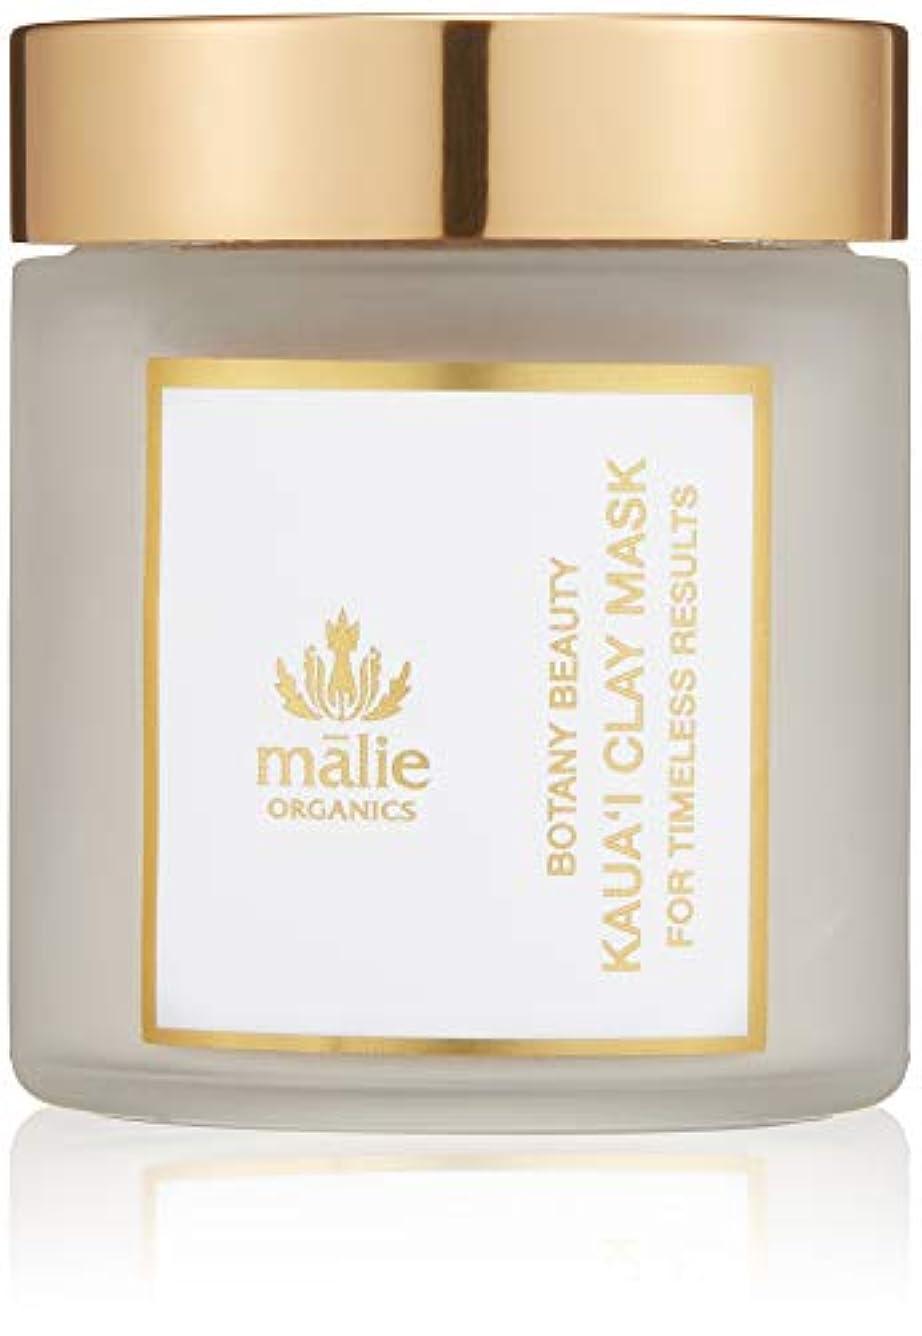 圧倒的バルク擬人化Malie Organics(マリエオーガニクス) ボタニービューティ カウアイクレイマスク 120ml